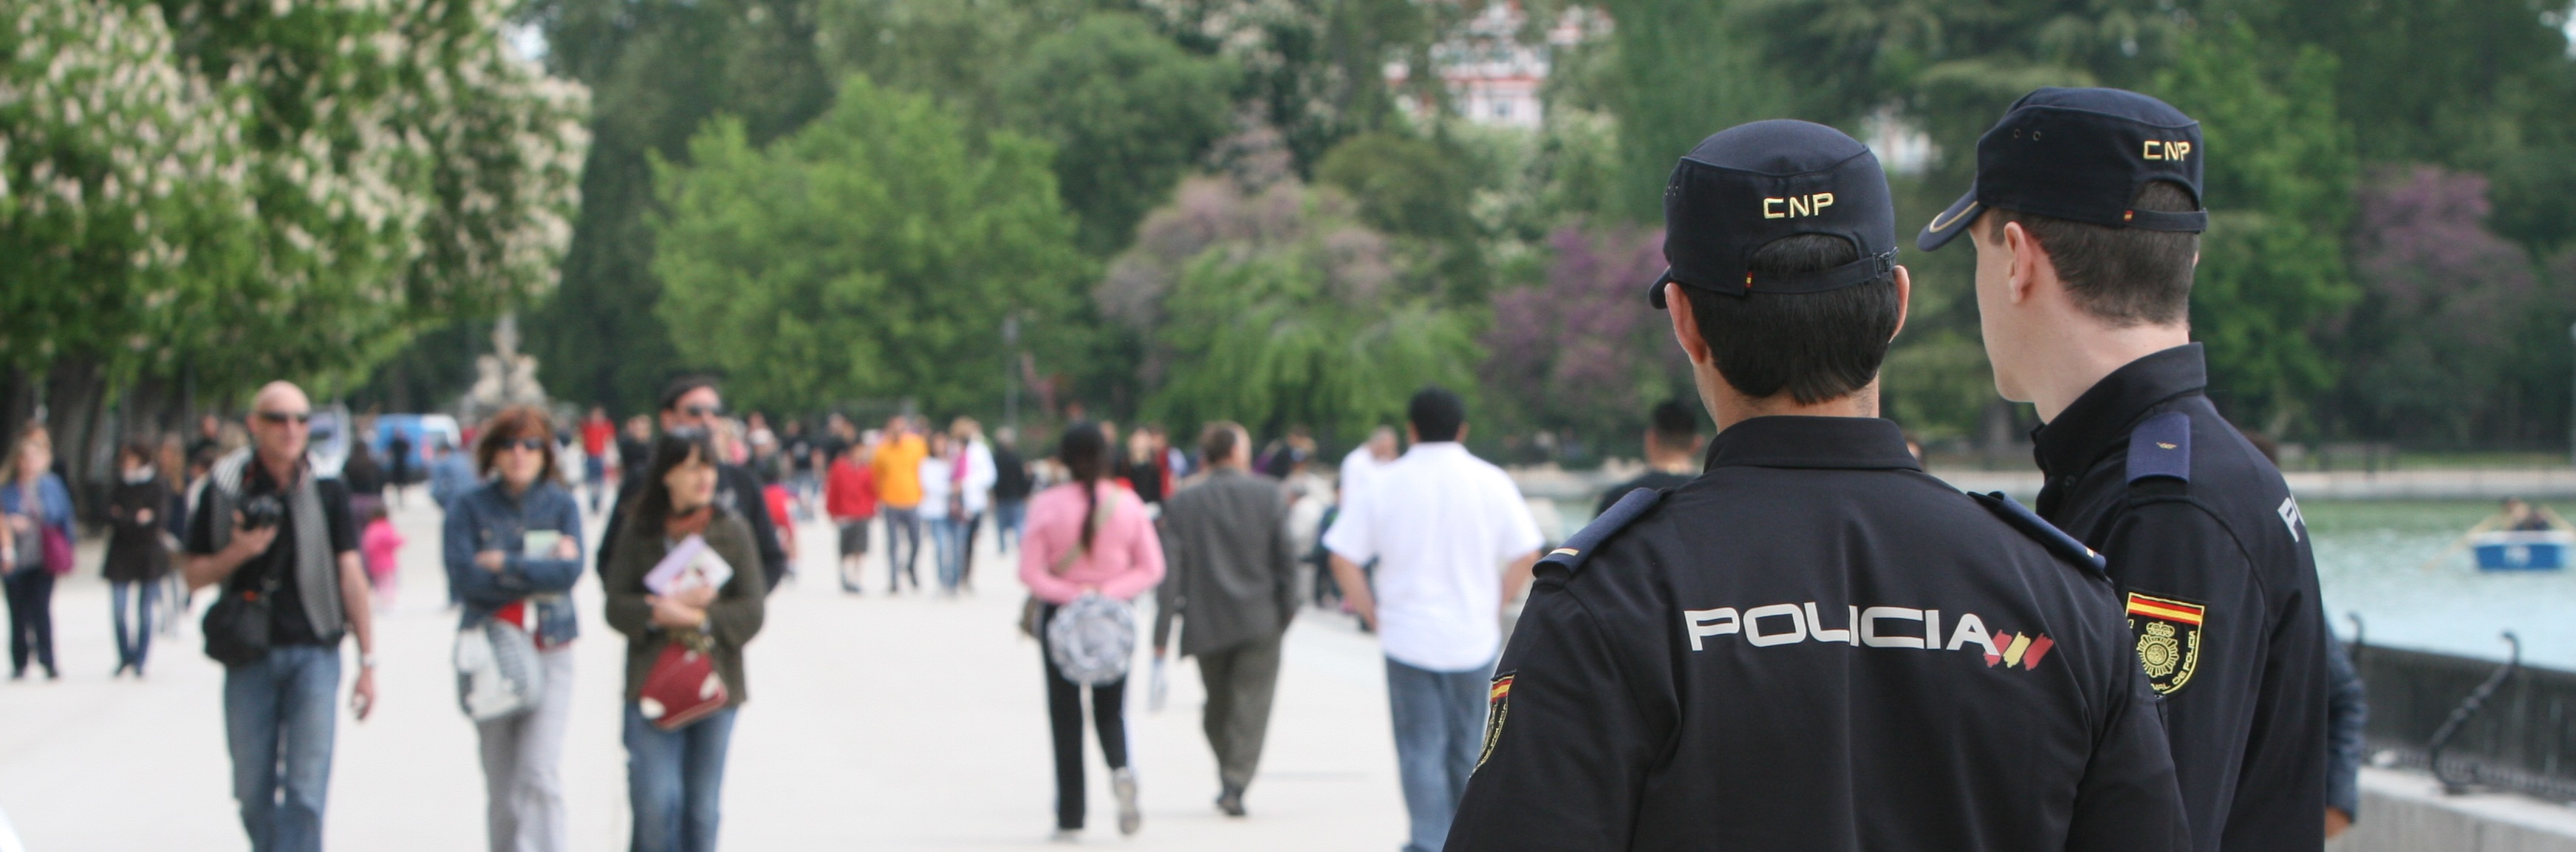 PONCE_DE_LEON_ABOGADOS_MADRID_OPINION_JURIDICA_BLOG_FUNCION_PUBLICA_DERECHO_ADMINISTRATIVO_JOSE_GARDON_NUÑEZ_DENEGACION_DERECHOS_ADMINISTRACION_IN_ALLIUNDE